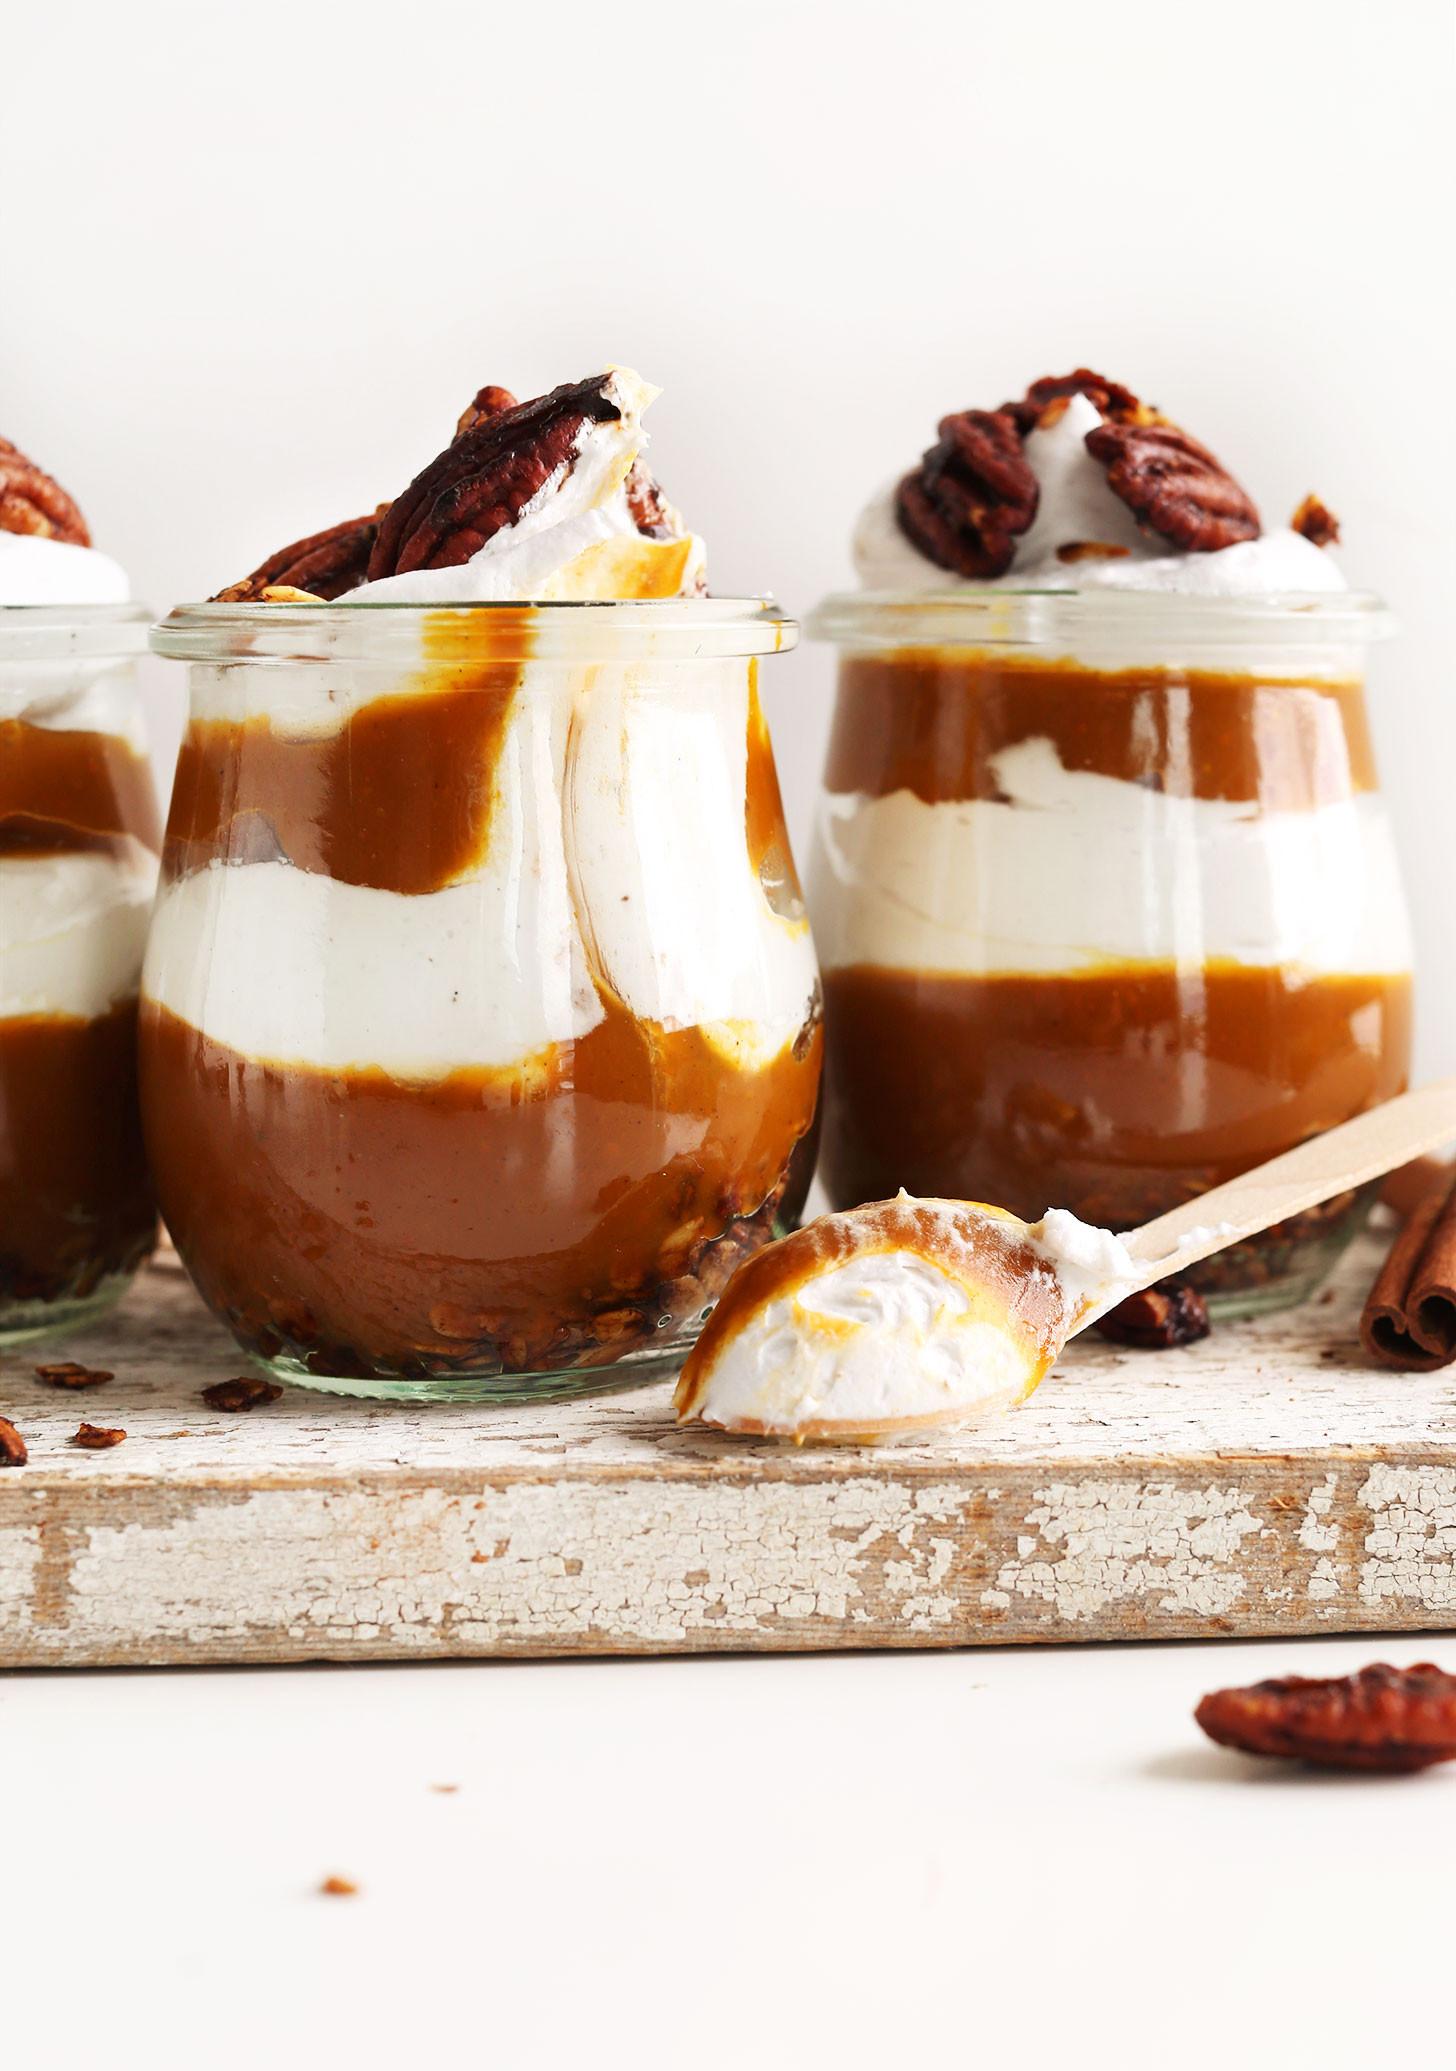 Vegan Dairy Free Desserts  Pumpkin Pie Parfaits